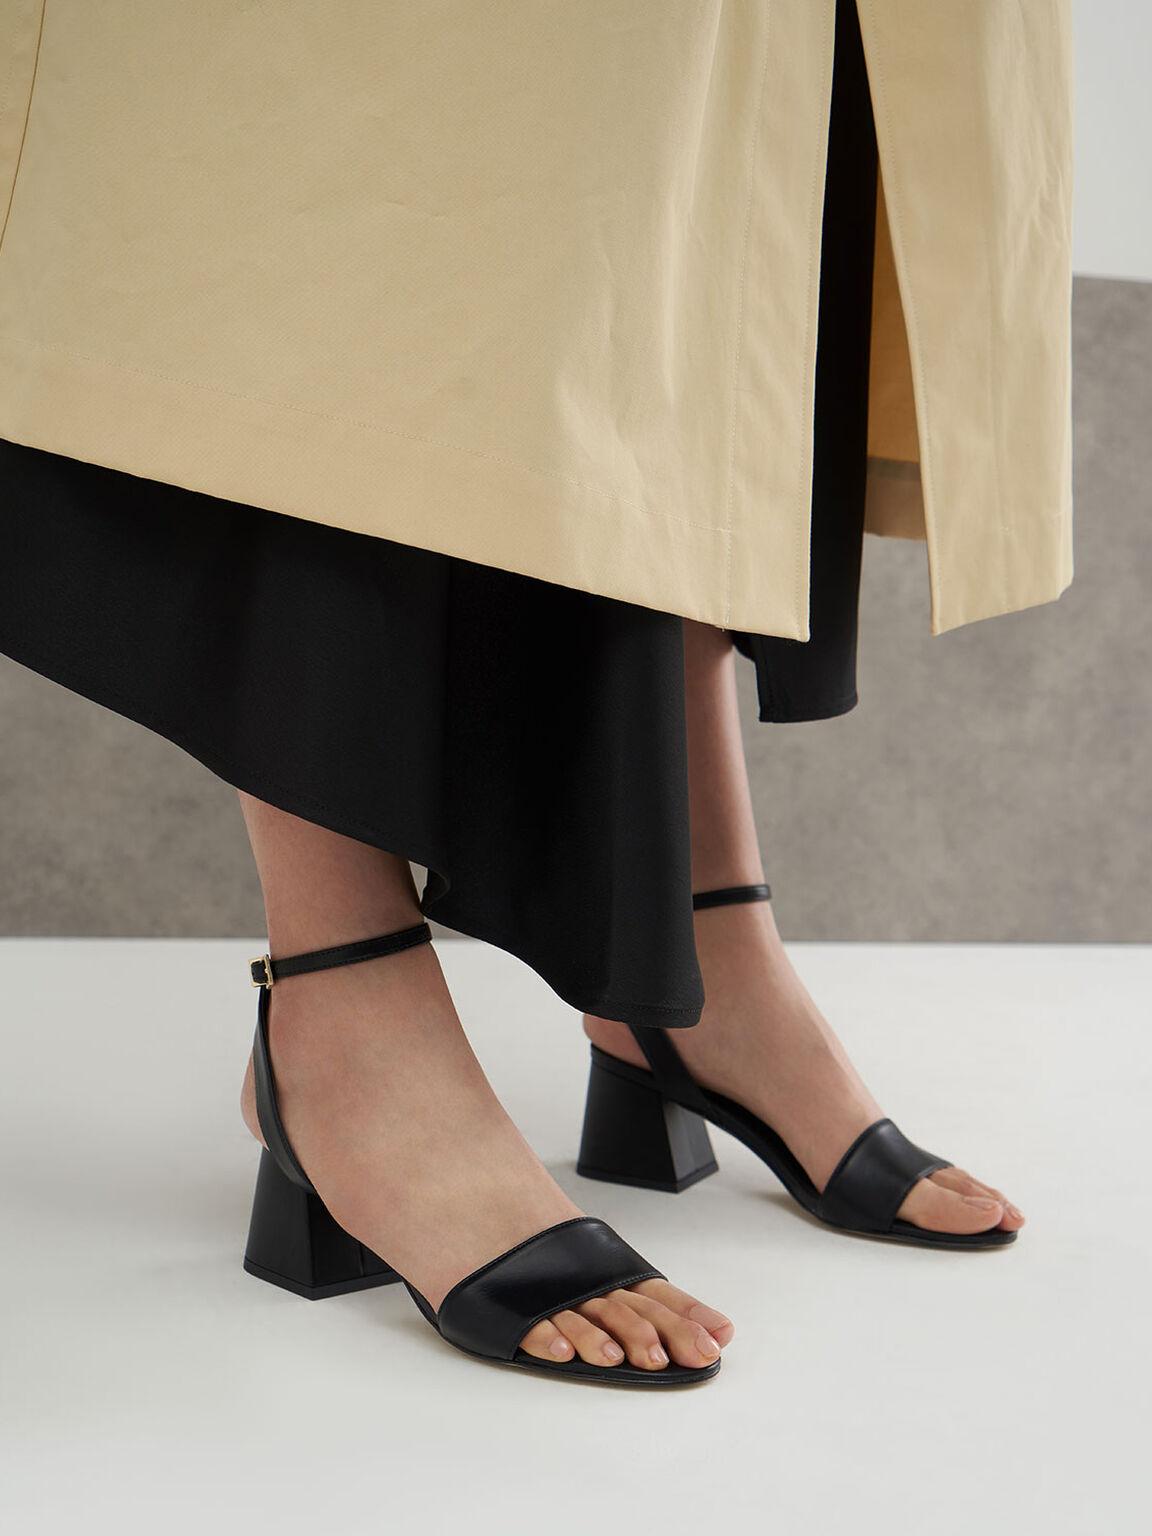 Ankle Strap Heeled Sandals, Black, hi-res